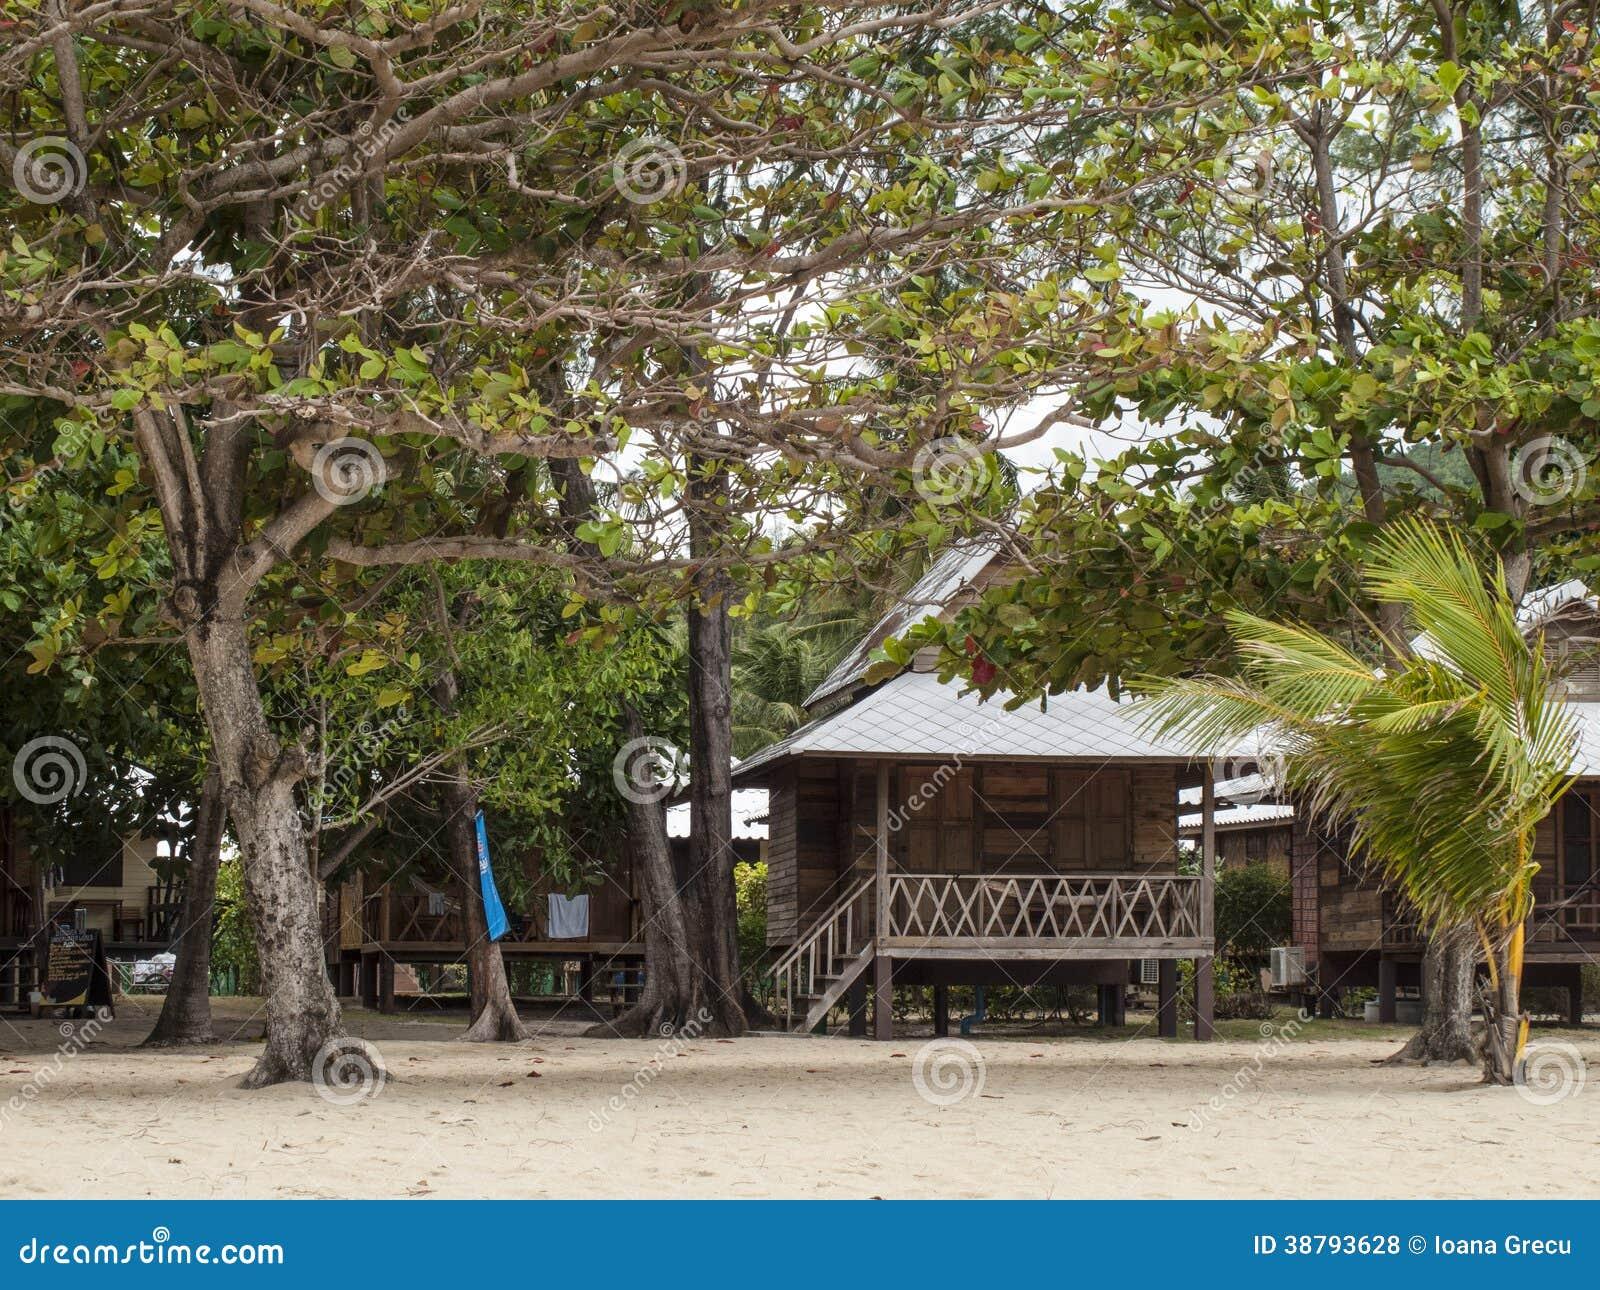 Casas de planta baja tropicales entre árboles